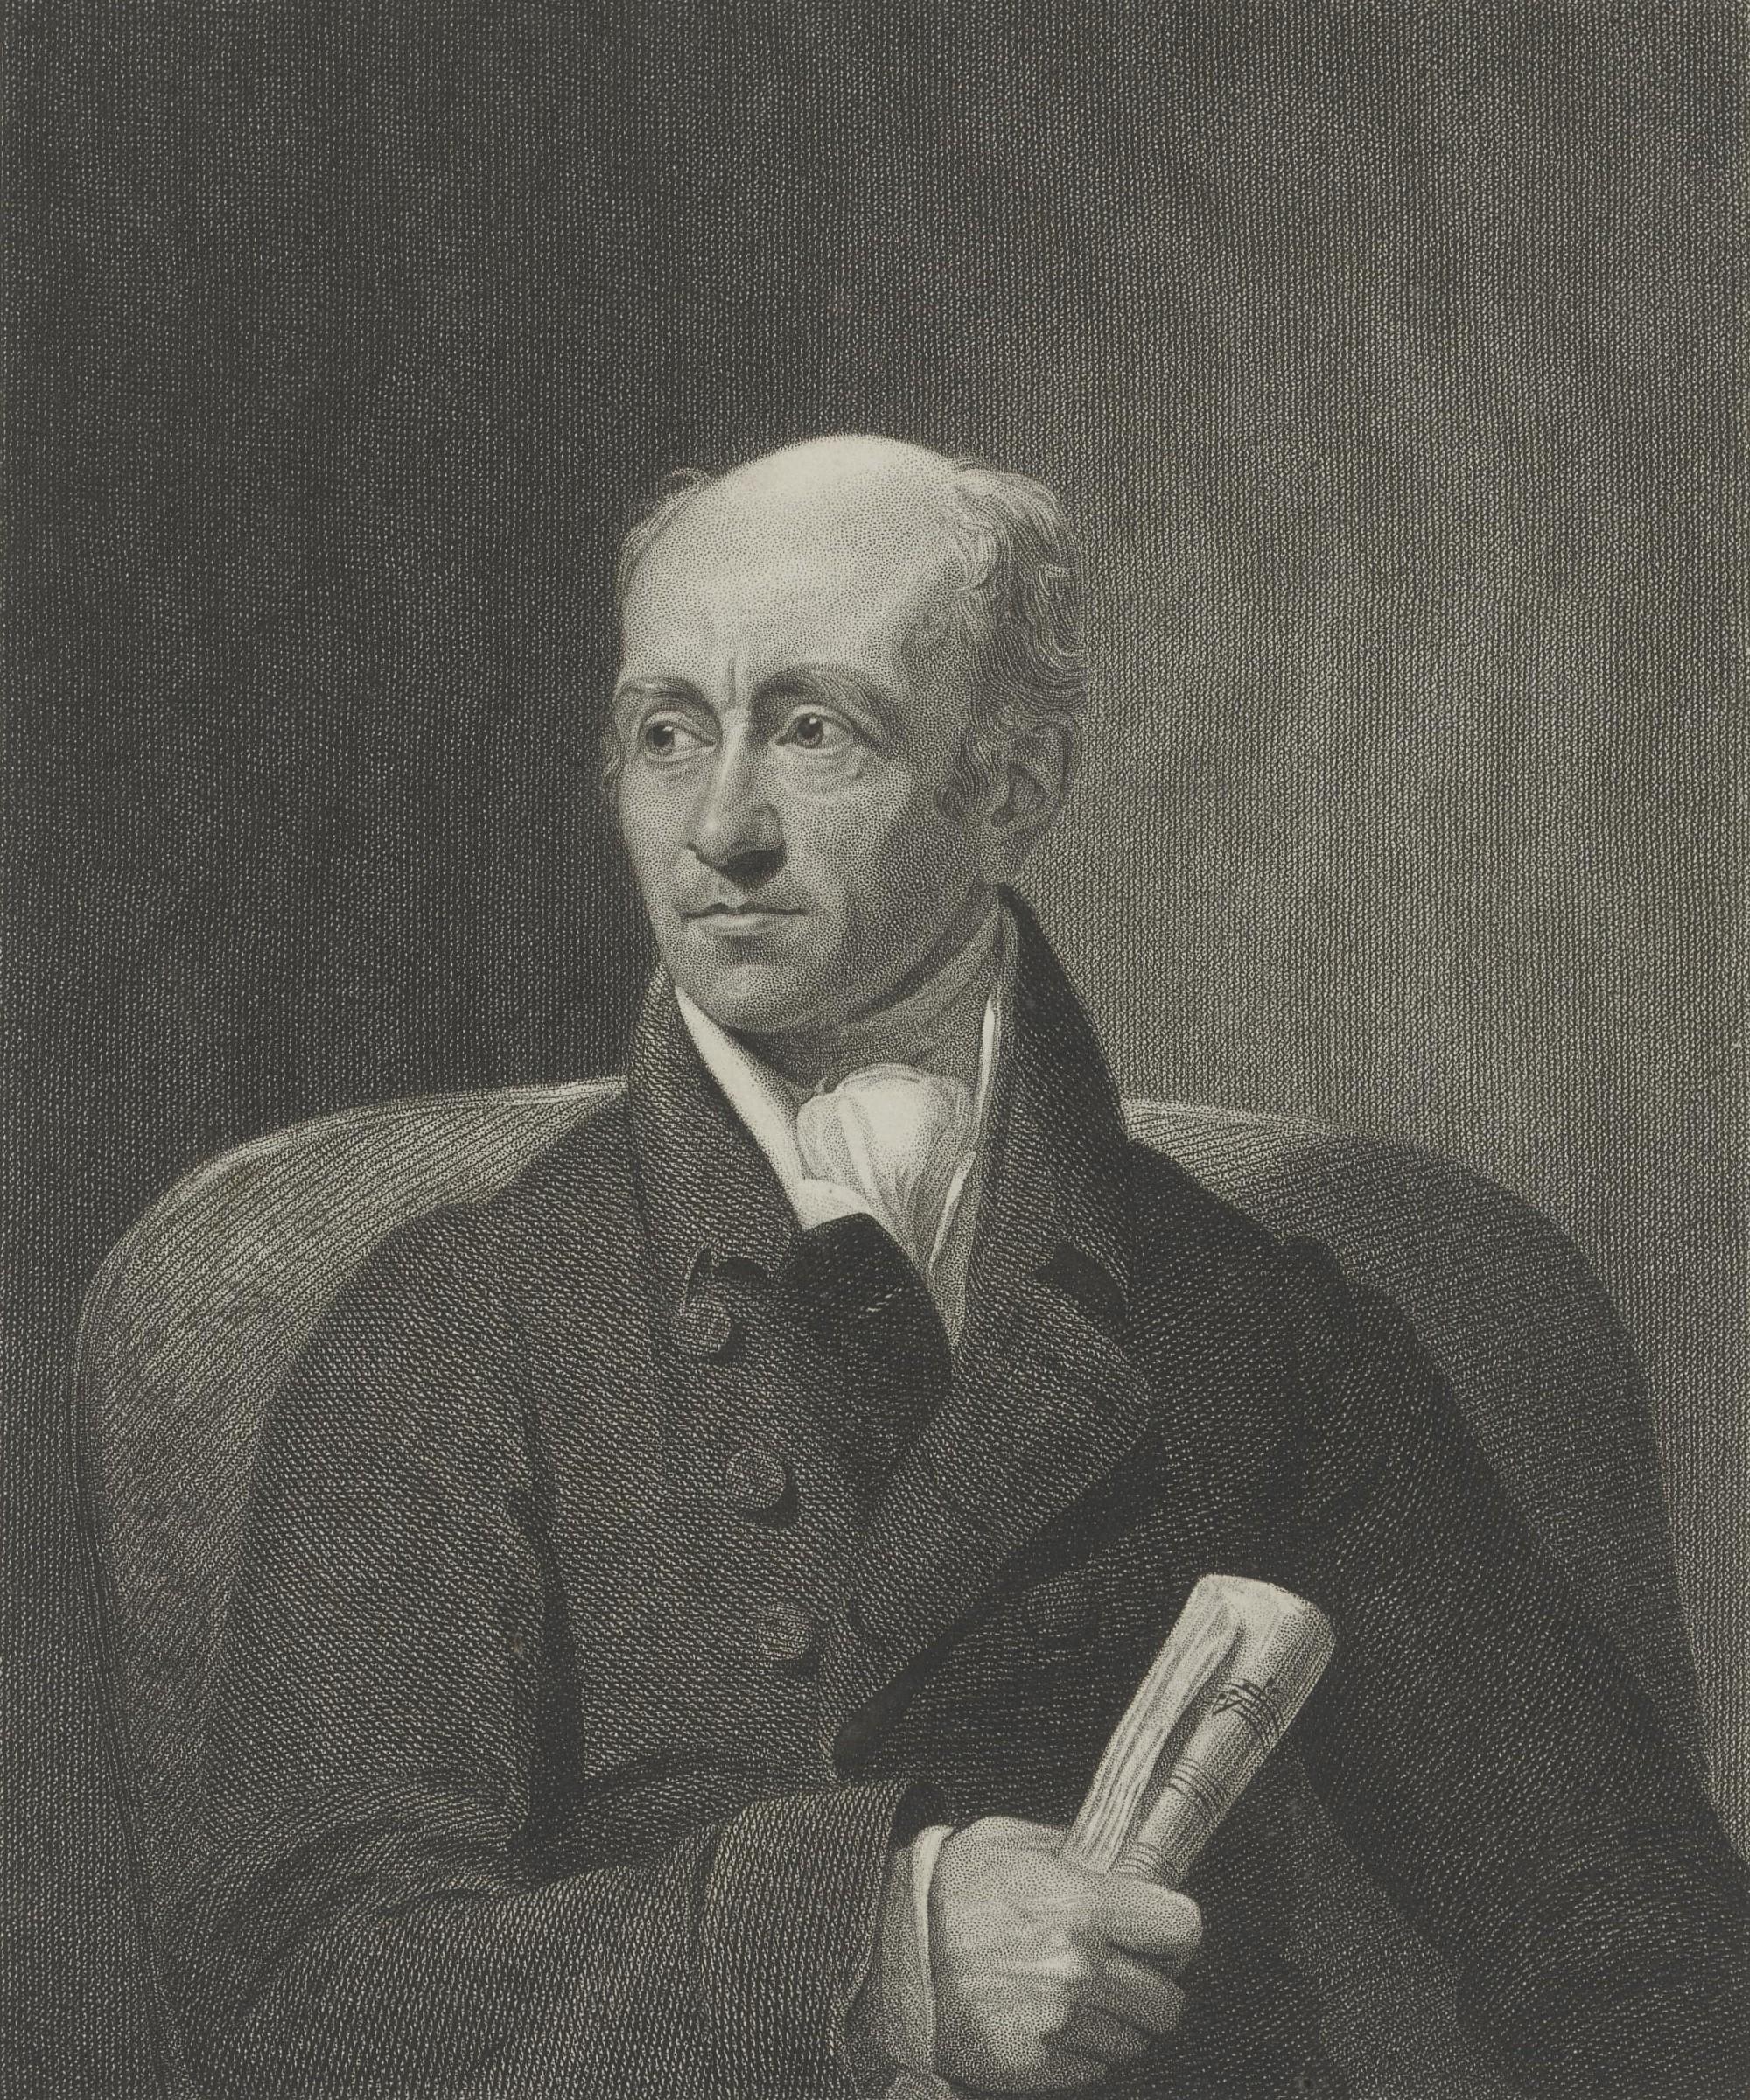 Muzio Clementi (1752 - 1832) ---------------- Sonata Op. 23 n. 3